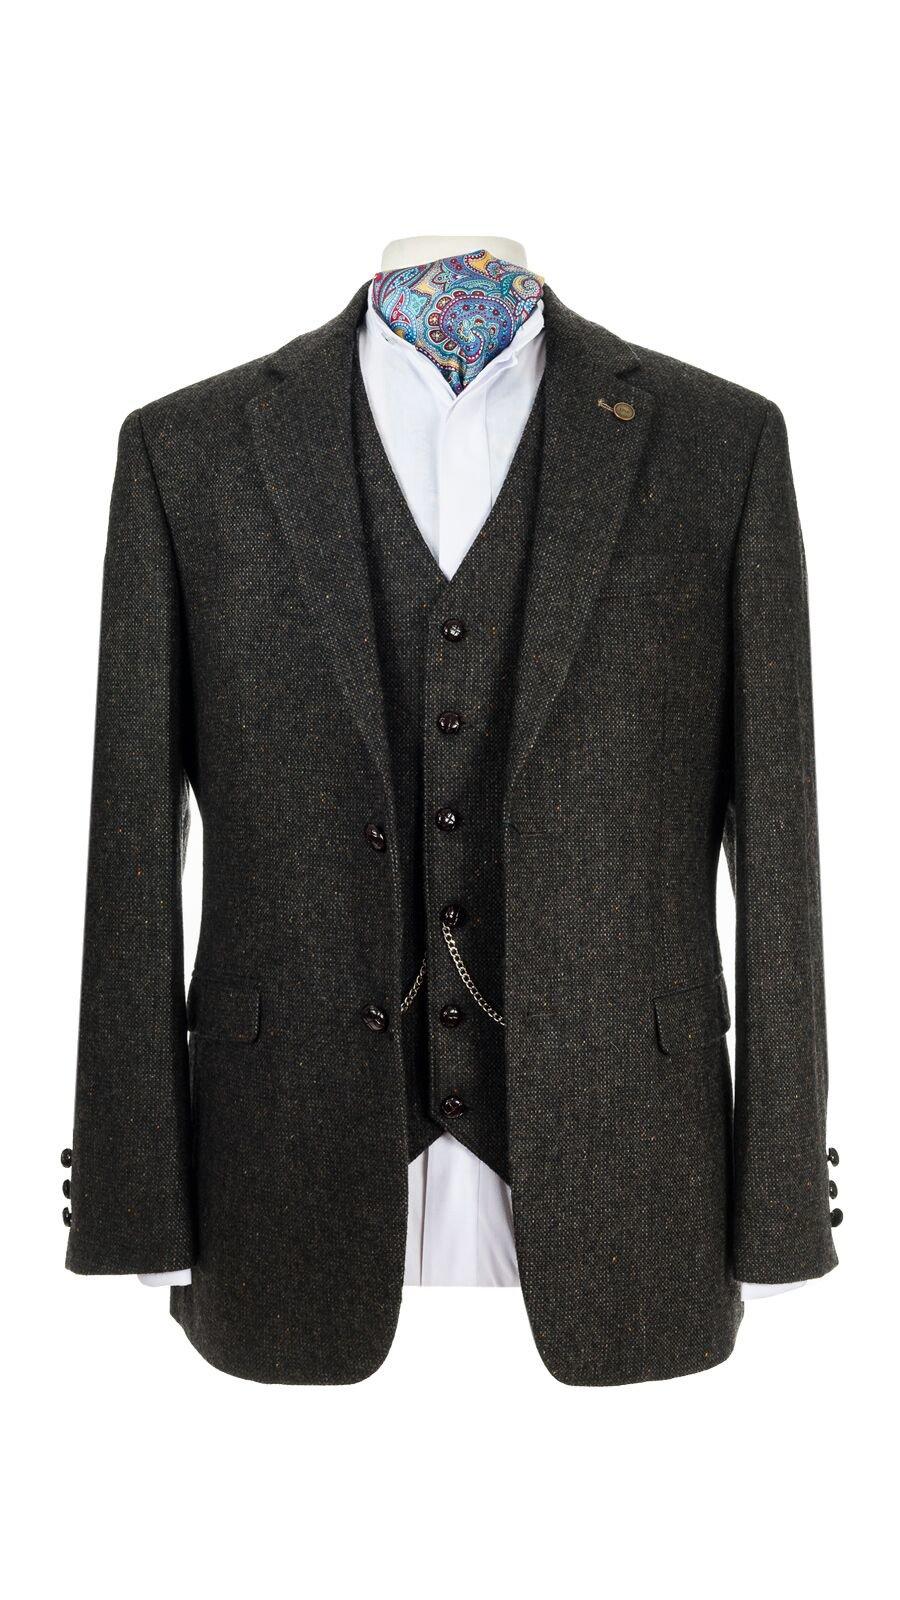 Oscar Wilde Brown Hopsack Tweed jacket.